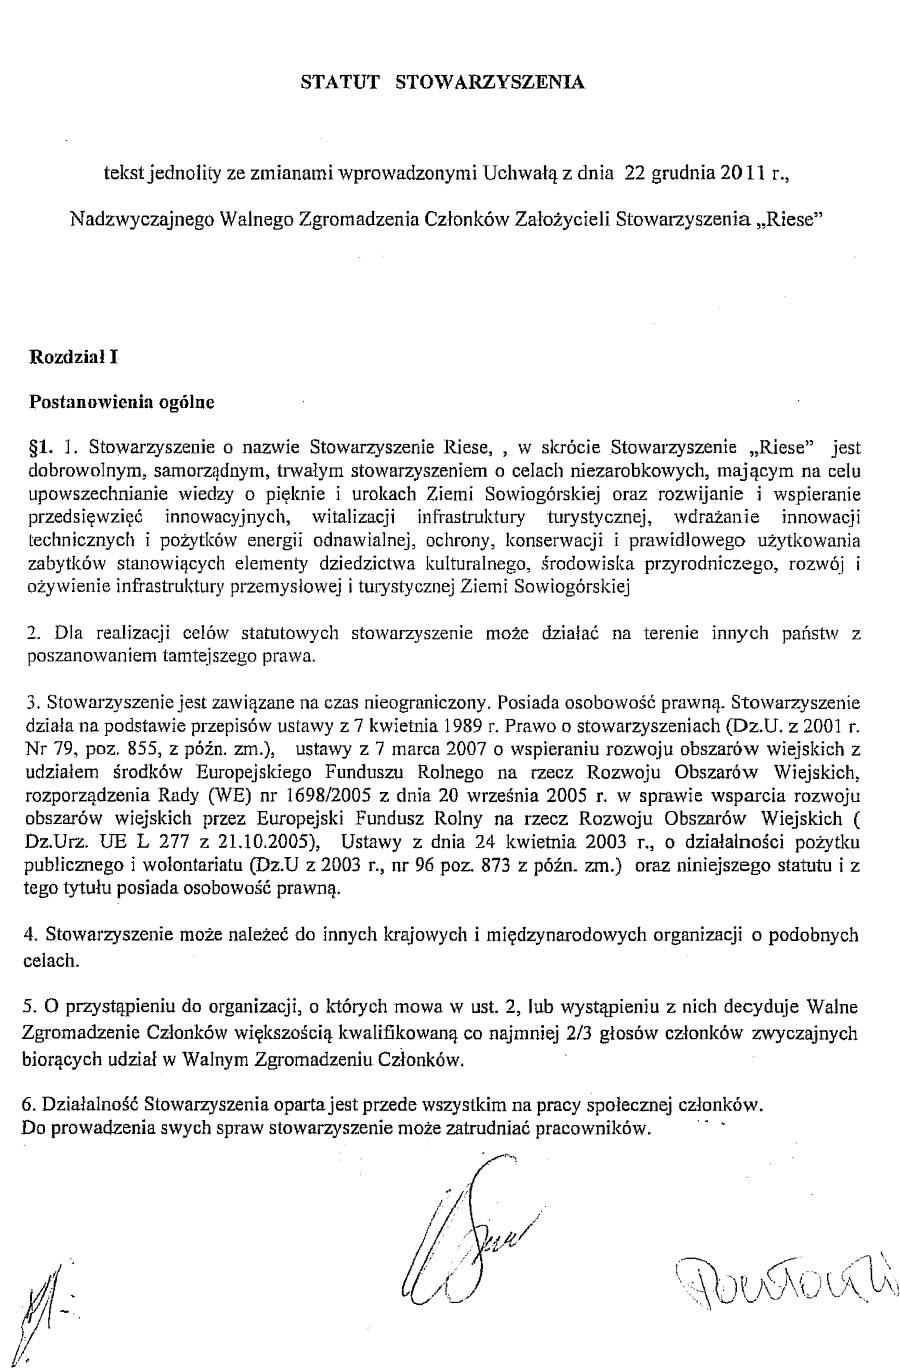 RIESE_Statut-1